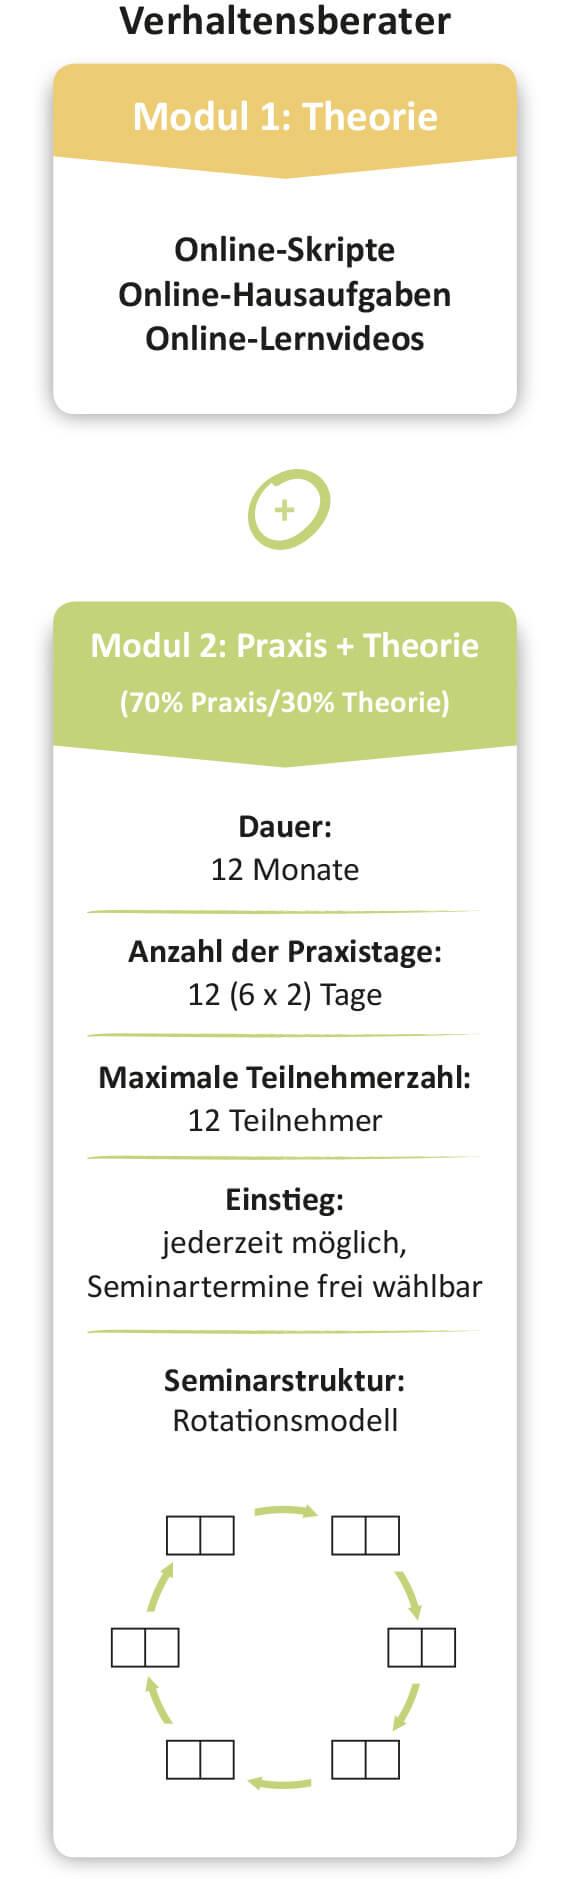 Verhaltensberater Infografik